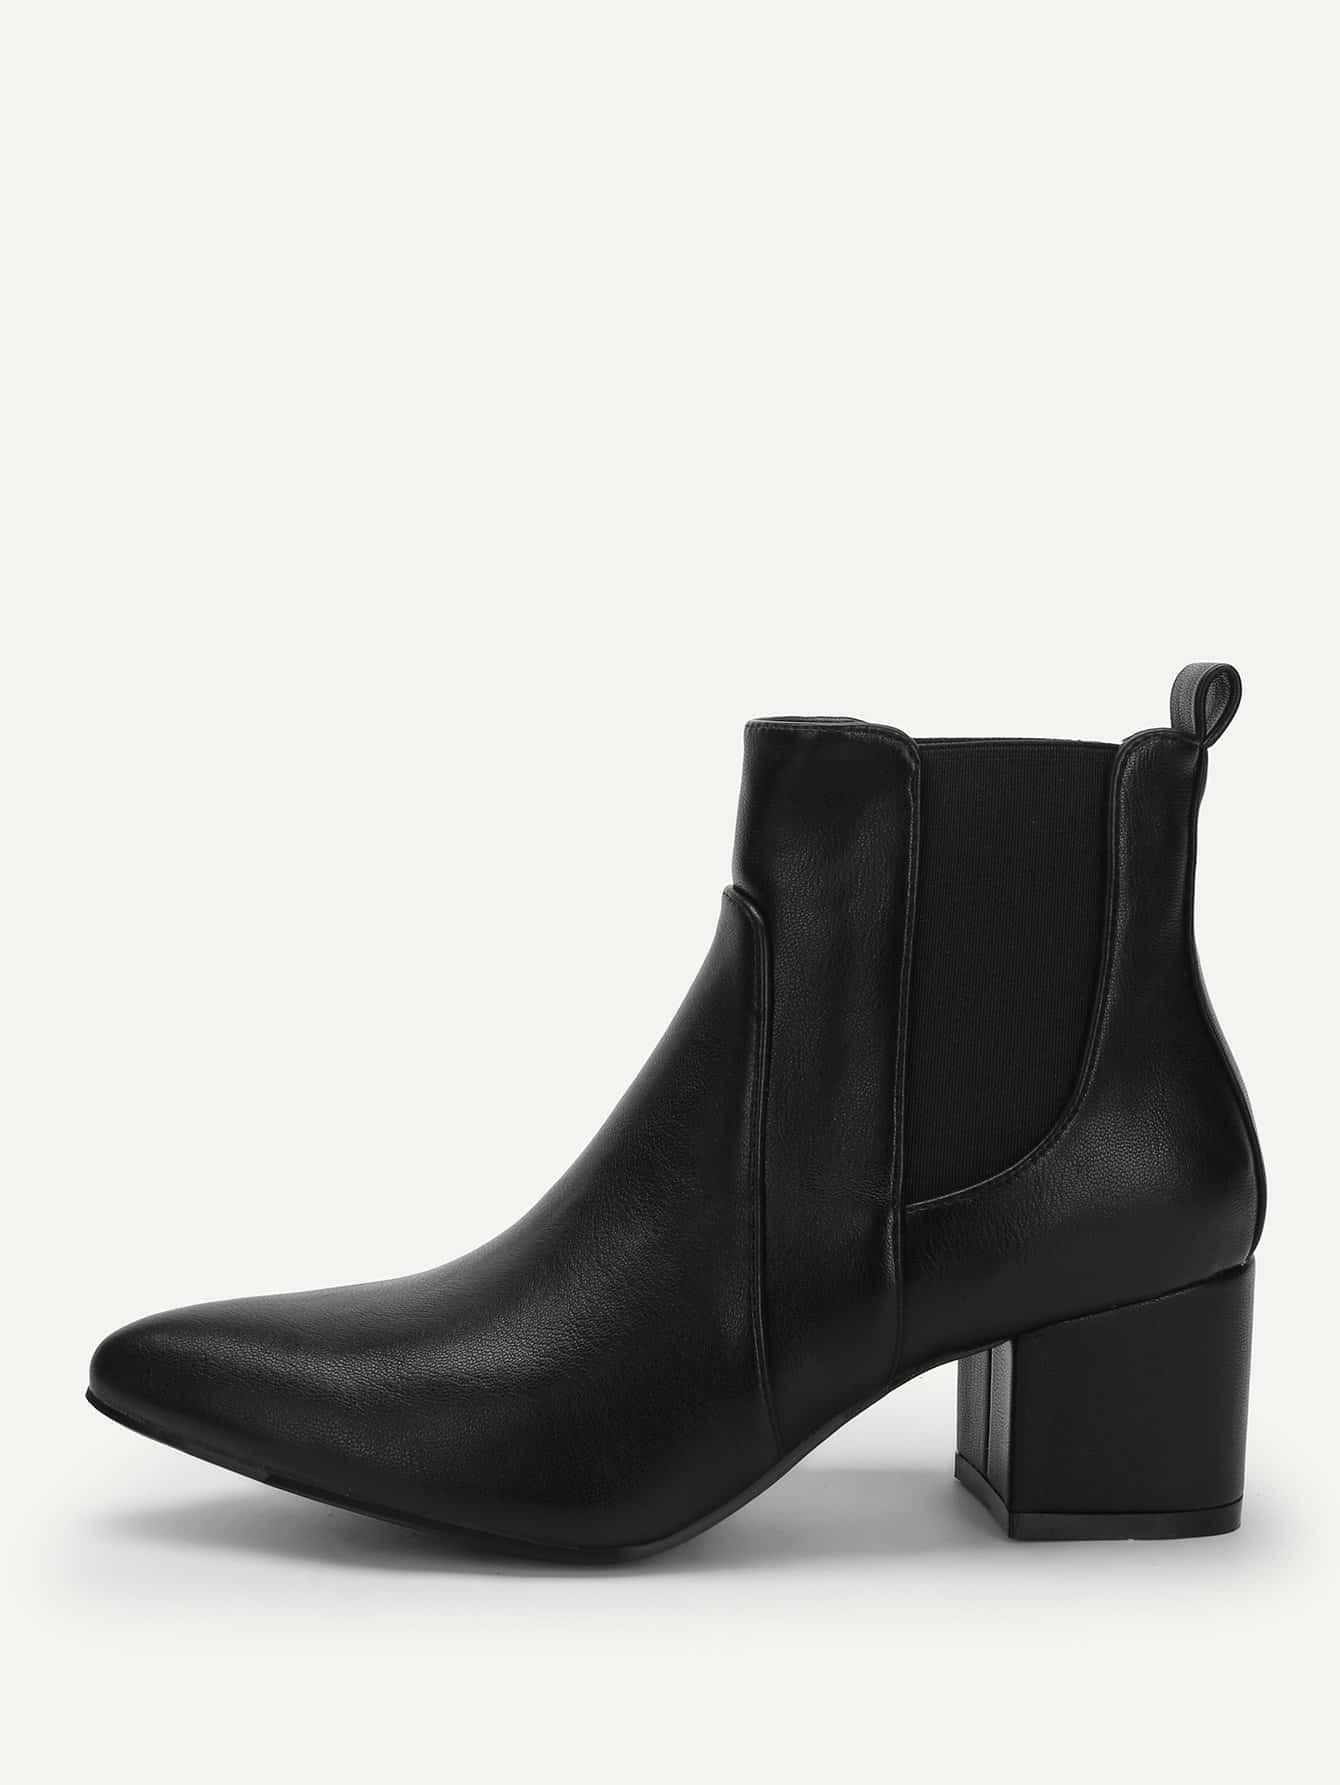 Купить Однотонные остроконечные сапоги на высоких каблуках, null, SheIn